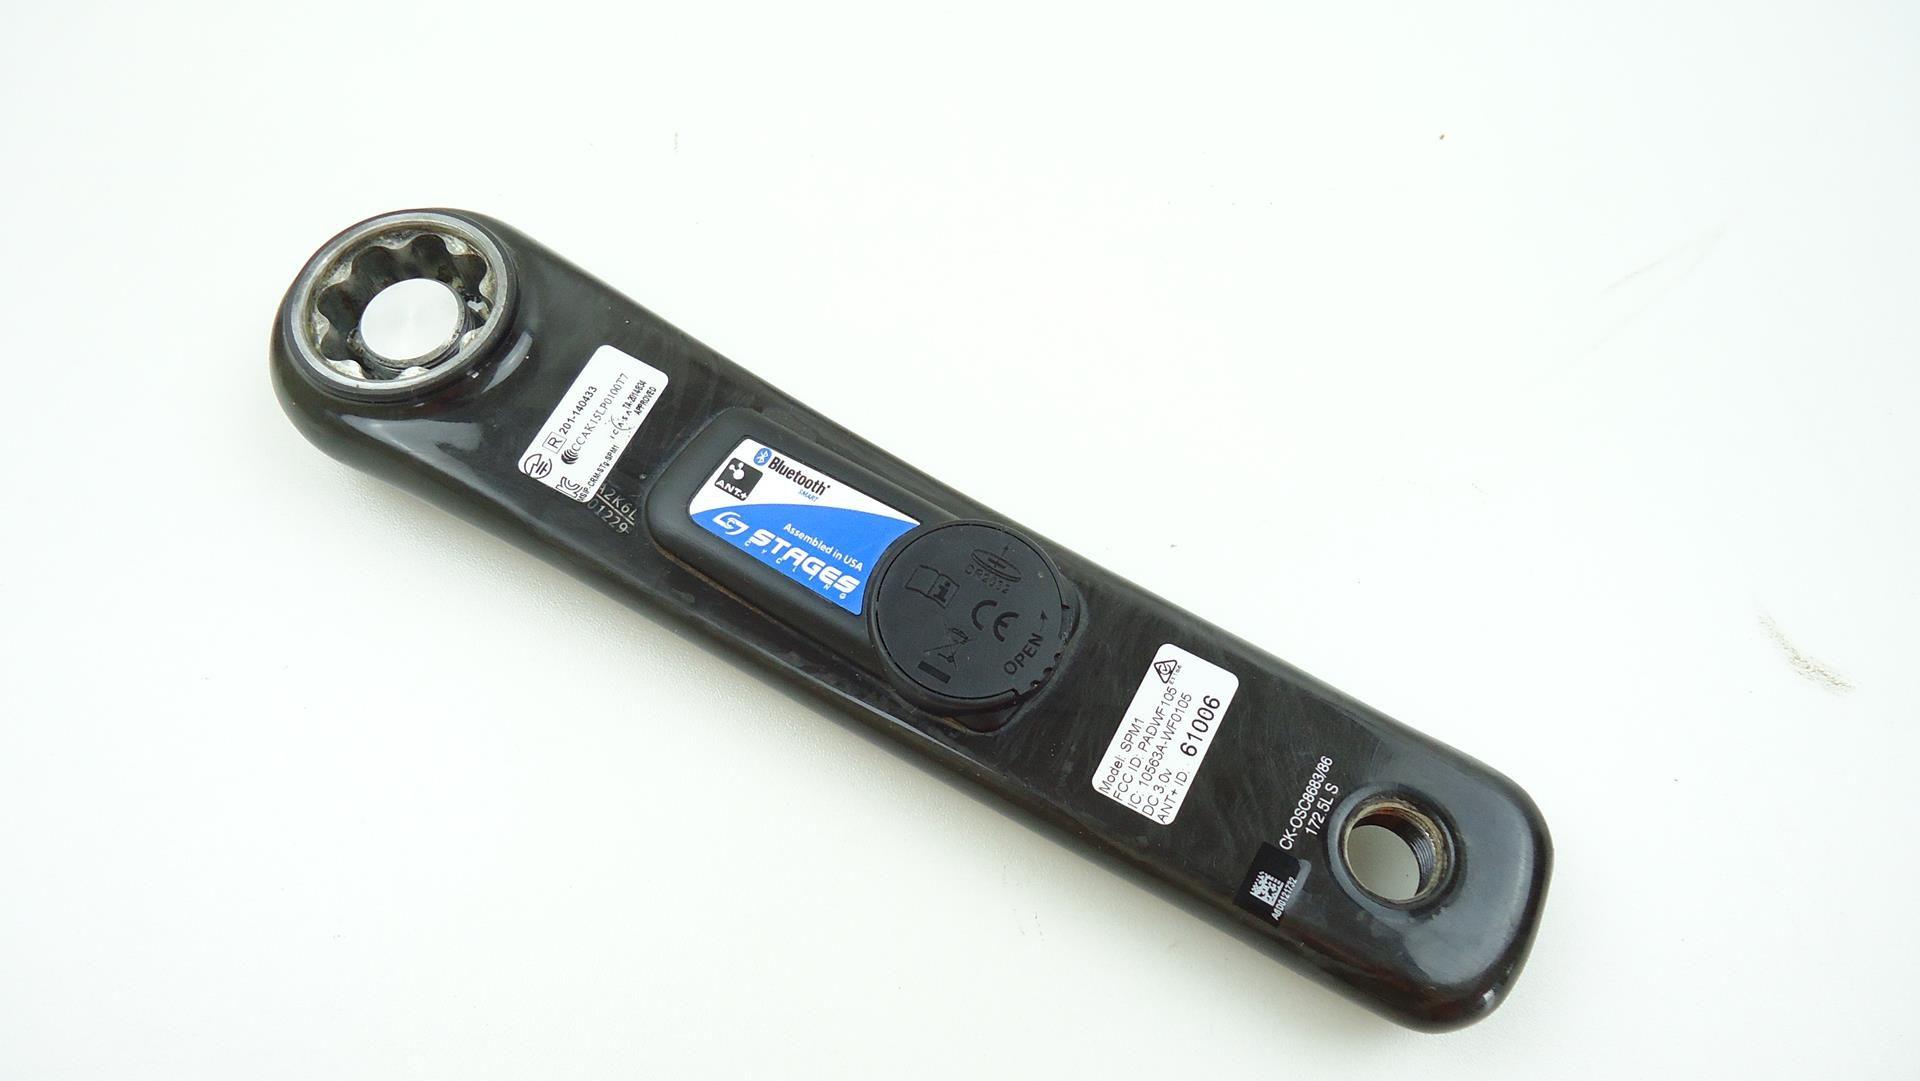 Medidor de Potência Stages Para Sram Fsa 172.5mm Braço em Carbono Powermeter - USADO